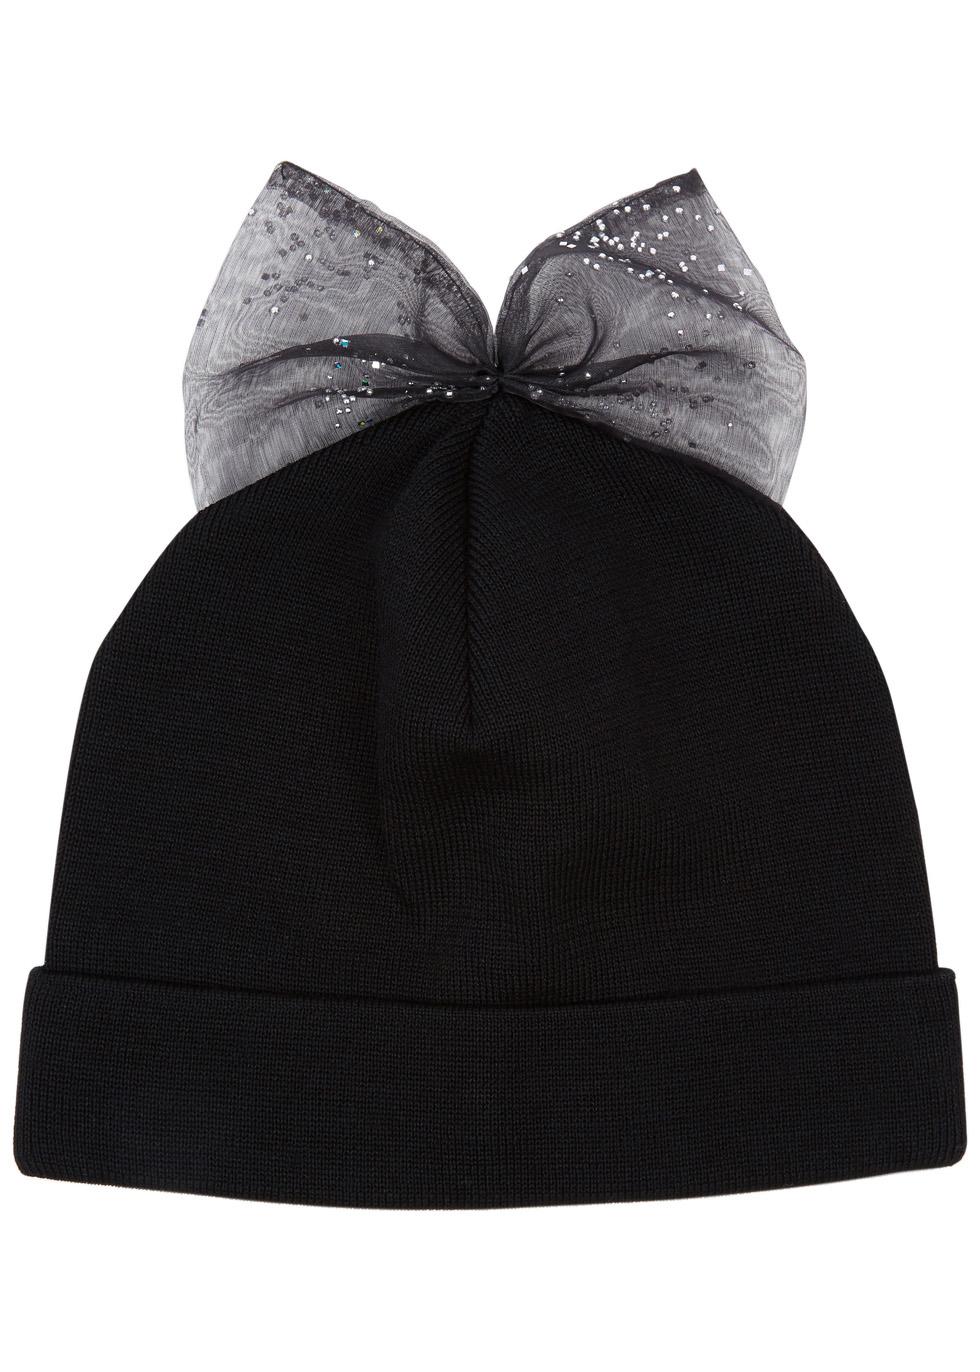 Black bow-embellished wool beanie - Federica Moretti